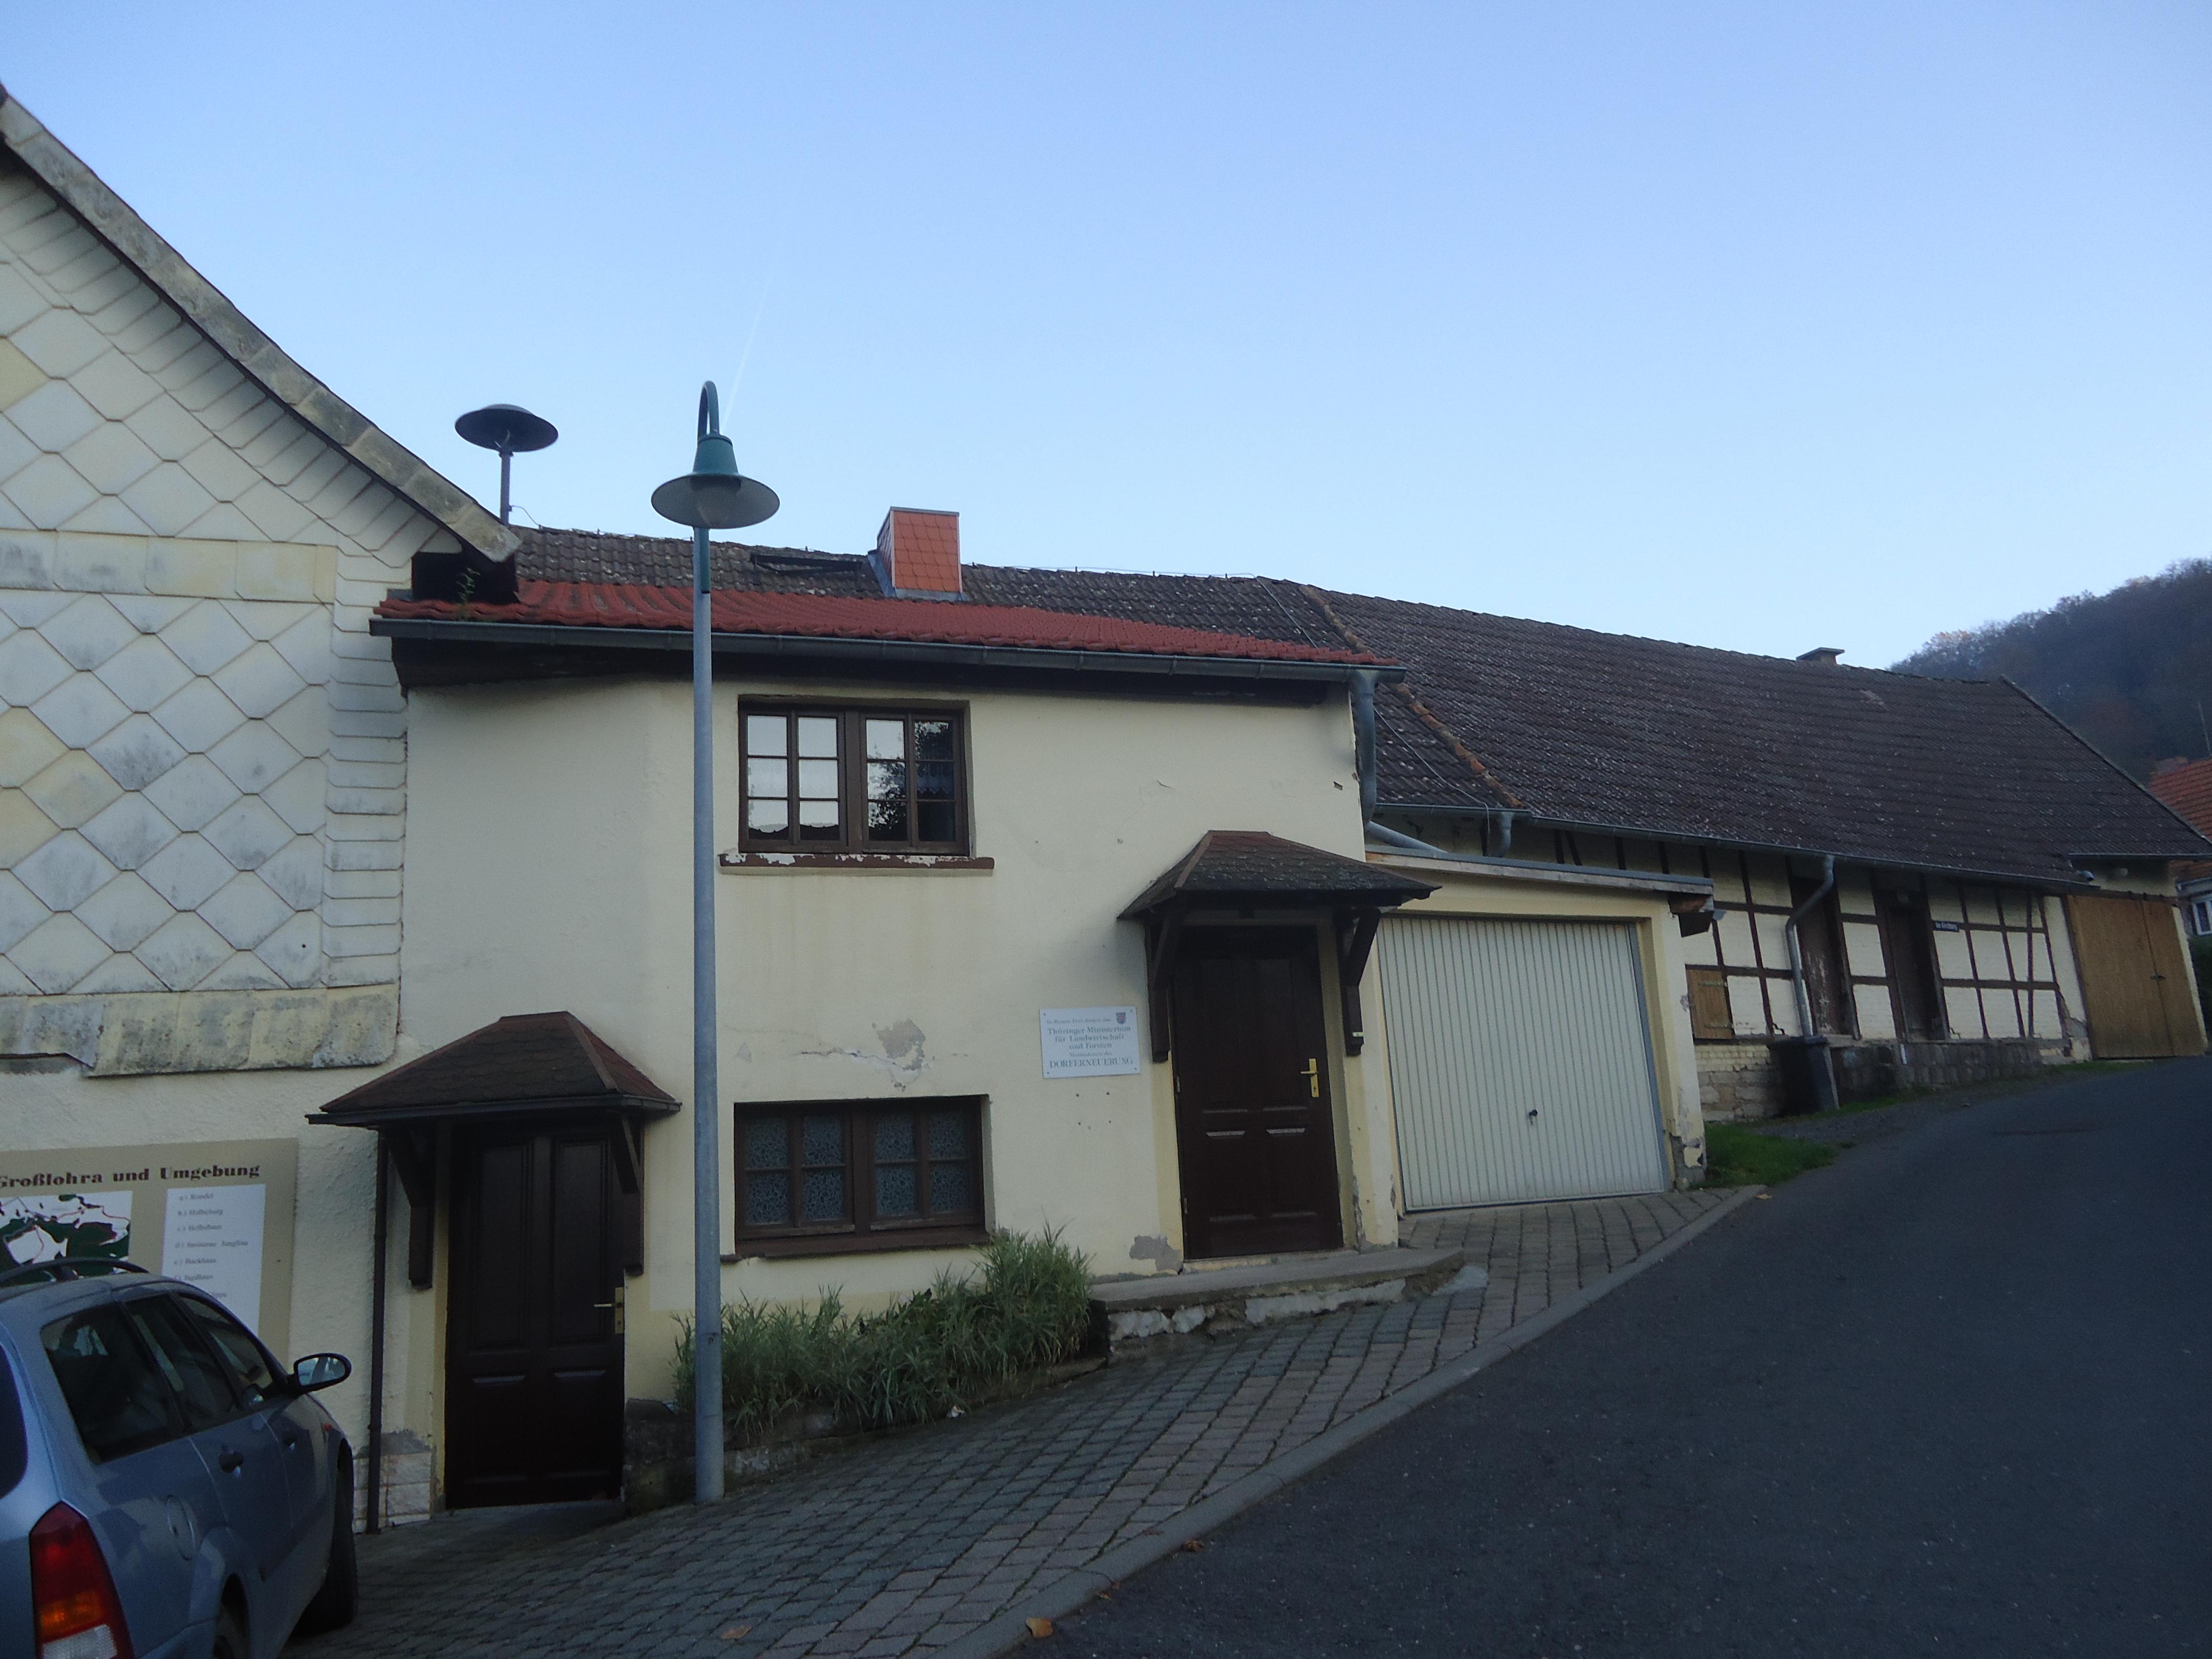 Dachfläche Dorfgemeinschaftshaus Großwenden